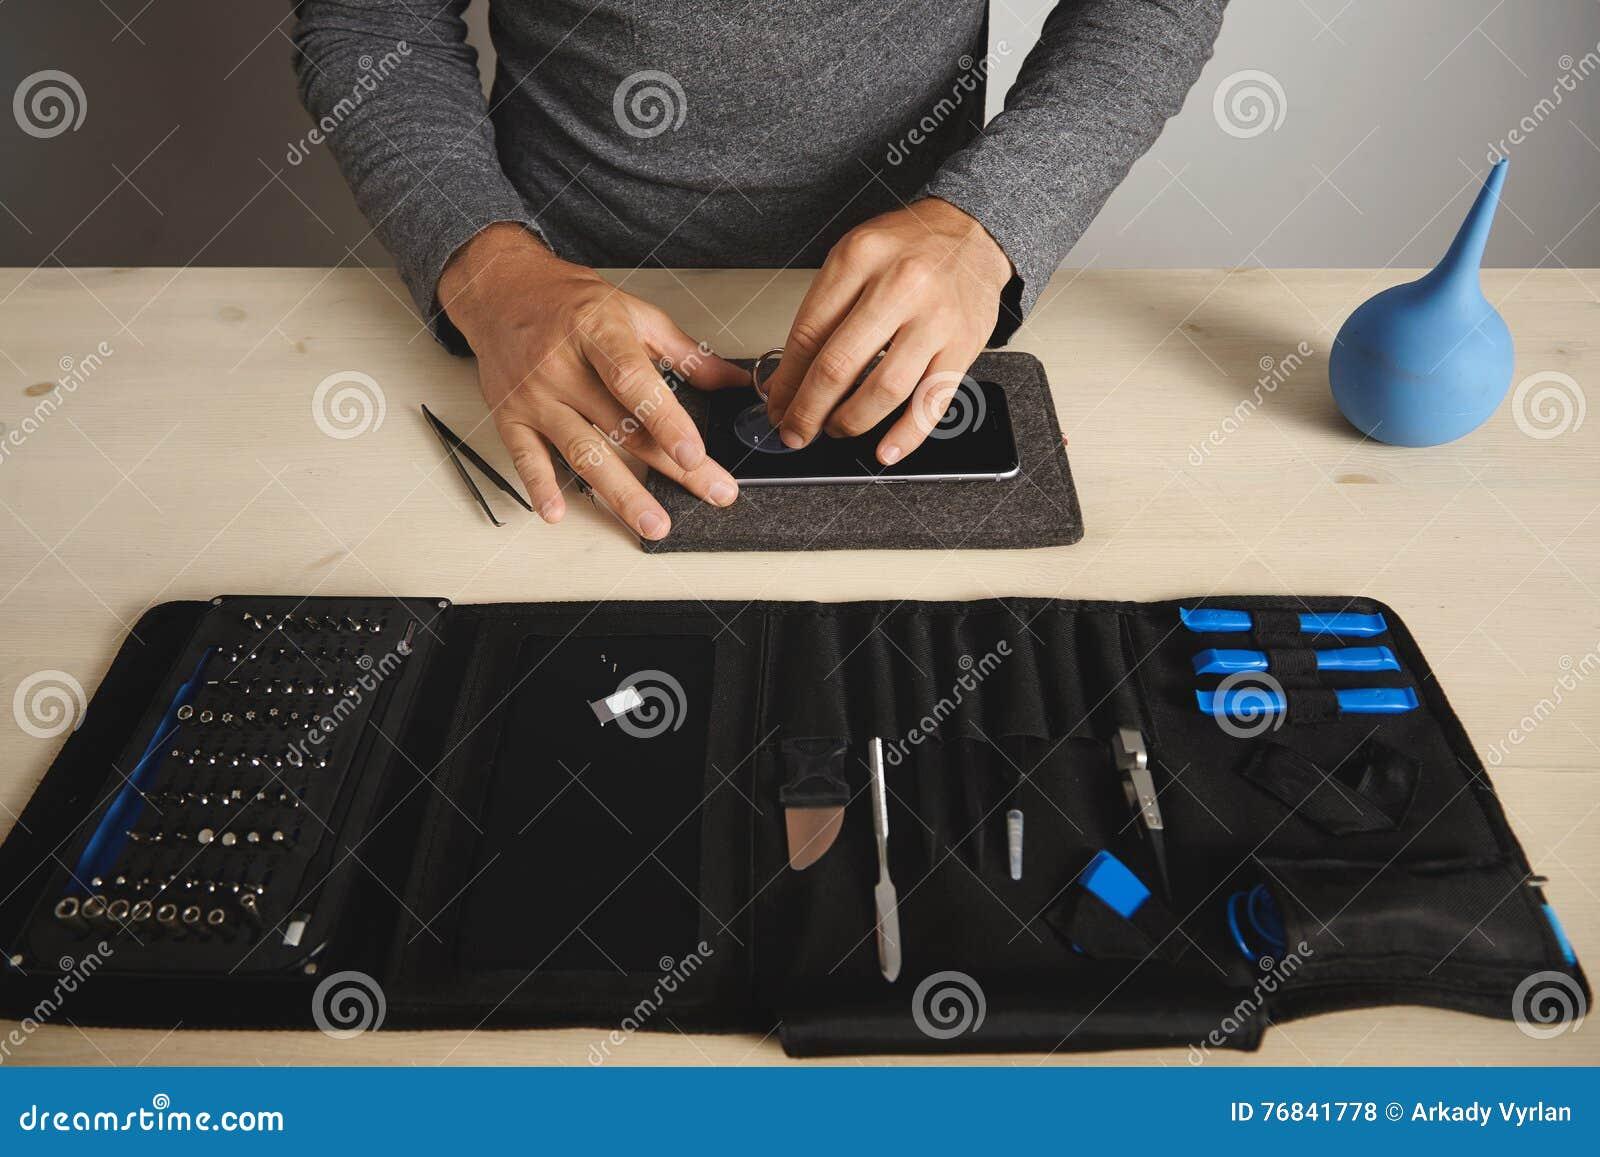 Servizio di repairment del telefono e del computer